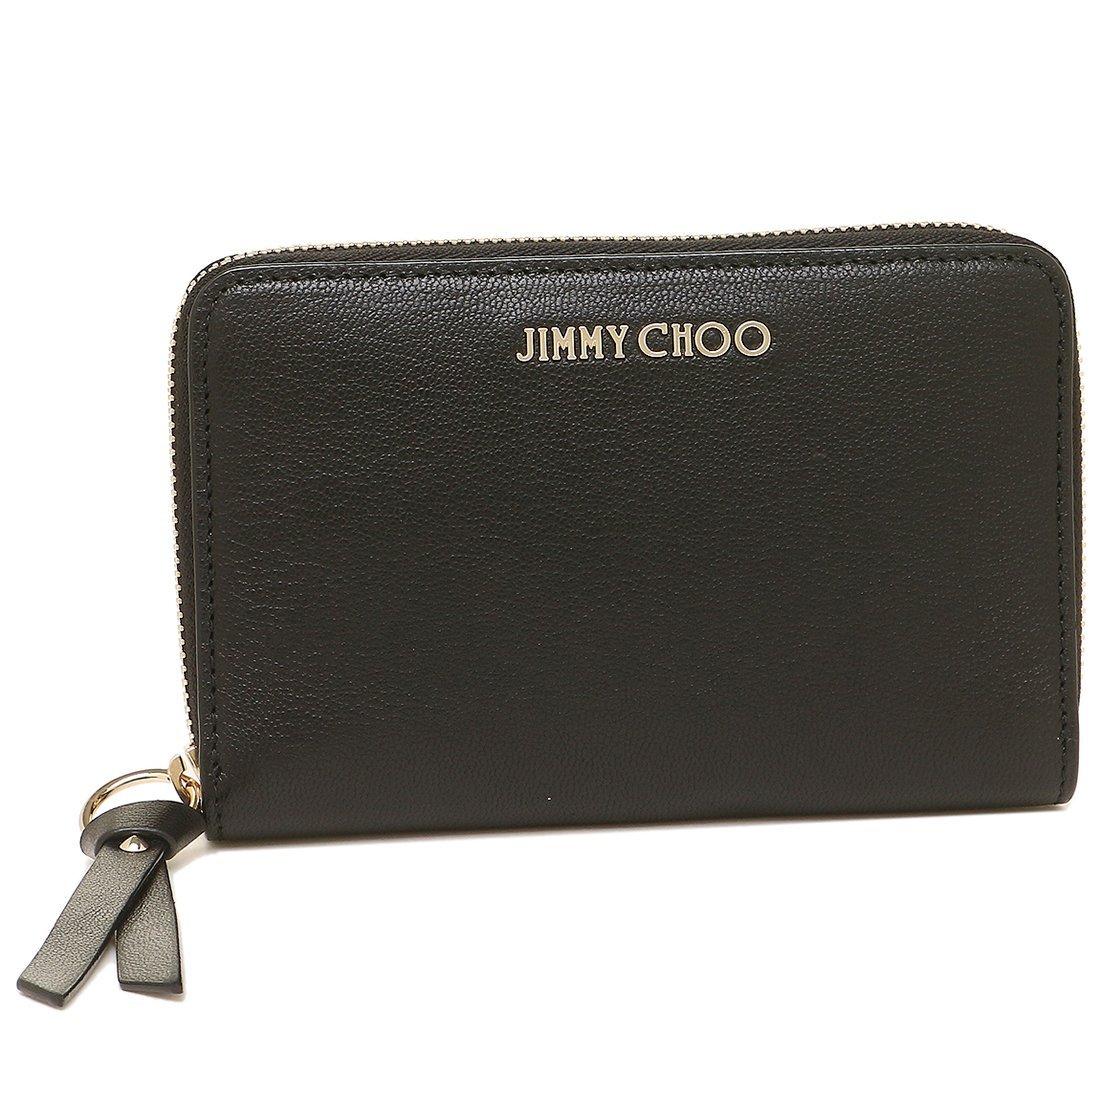 [ジミーチュウ]コインケース レディース JIMMY CHOO ブラック [並行輸入品]   B07G244K7M